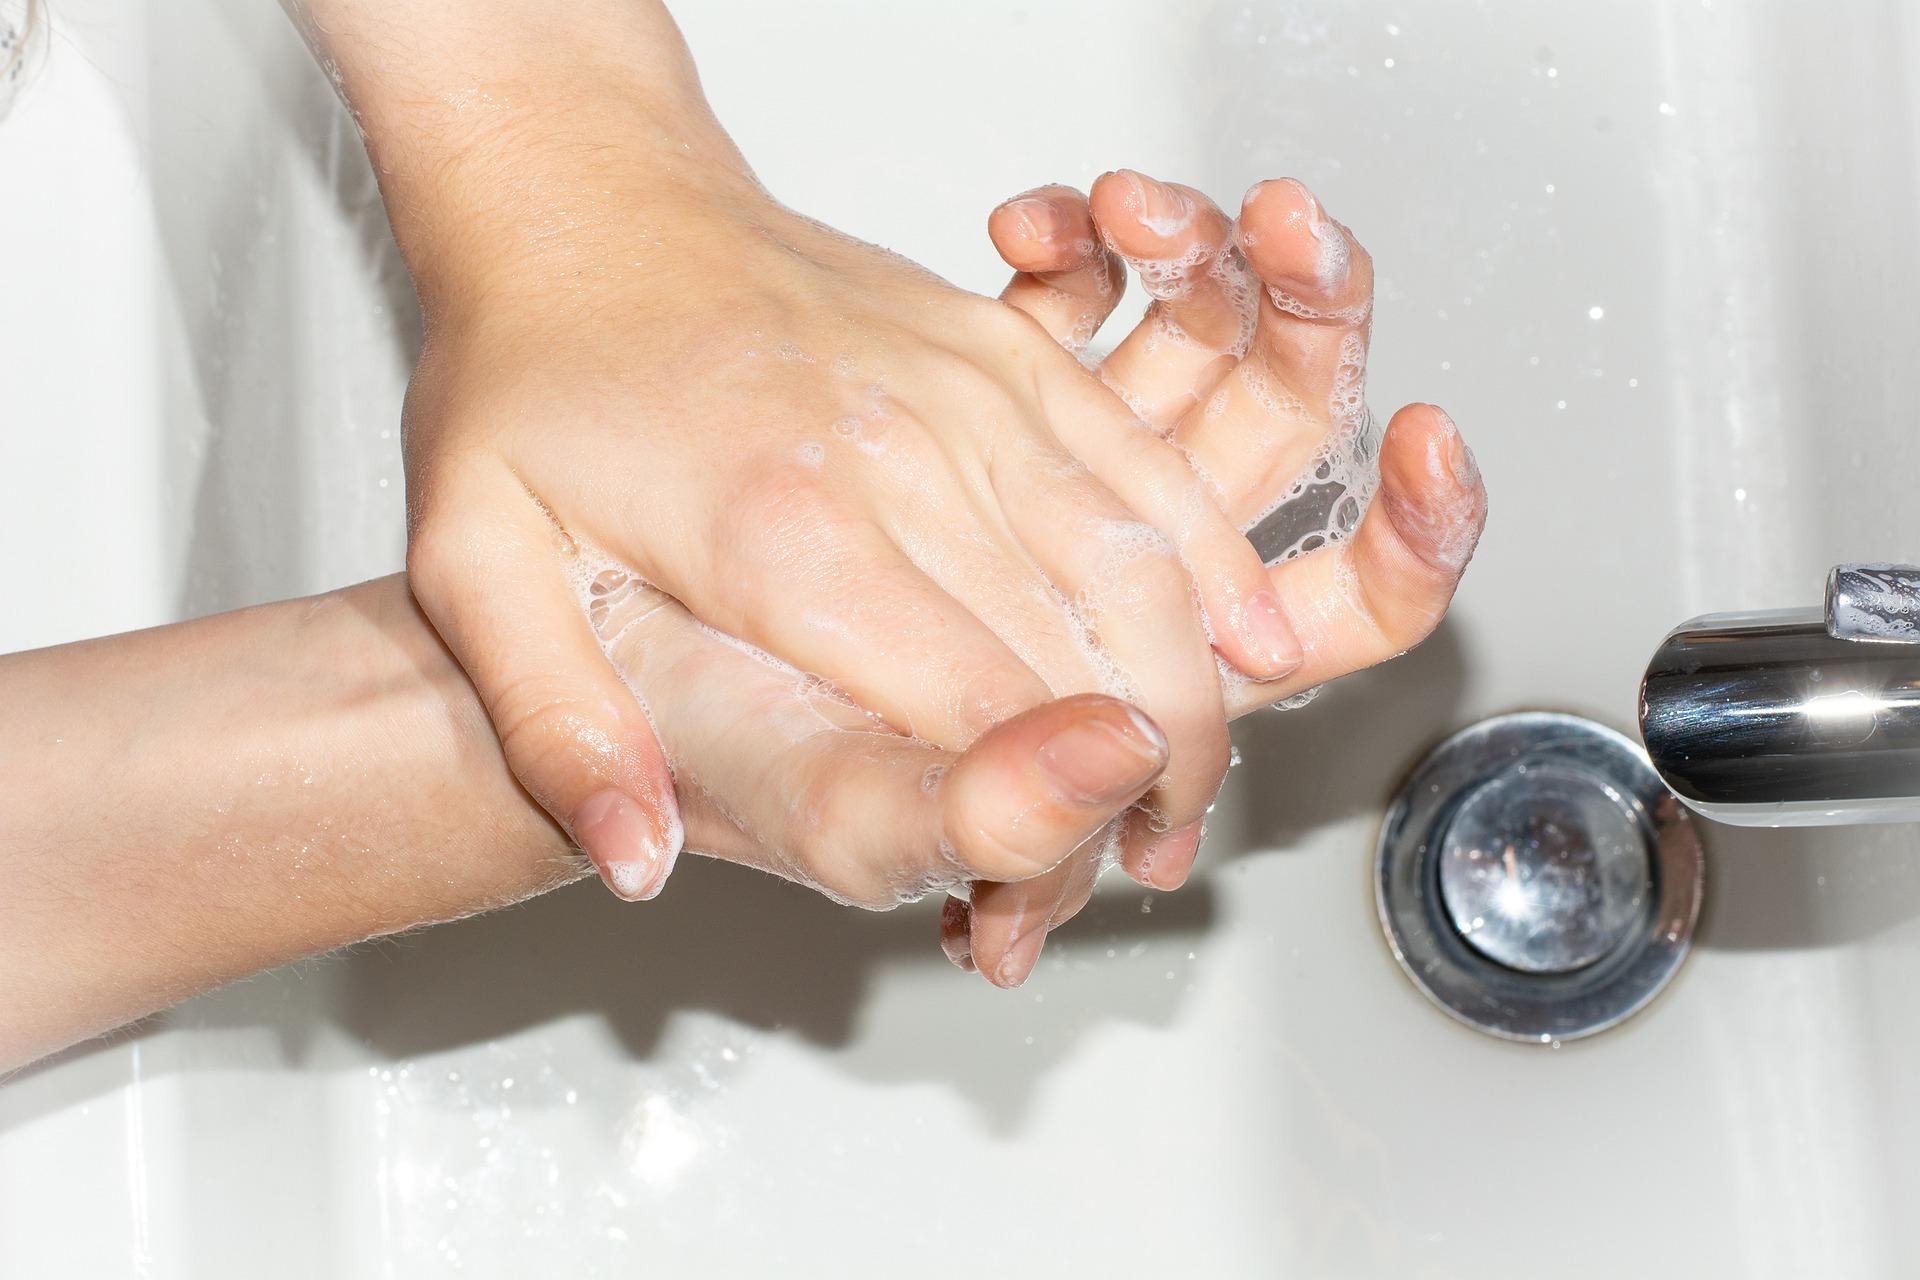 Recuerde lavarse las manos con jabón con frecuencia